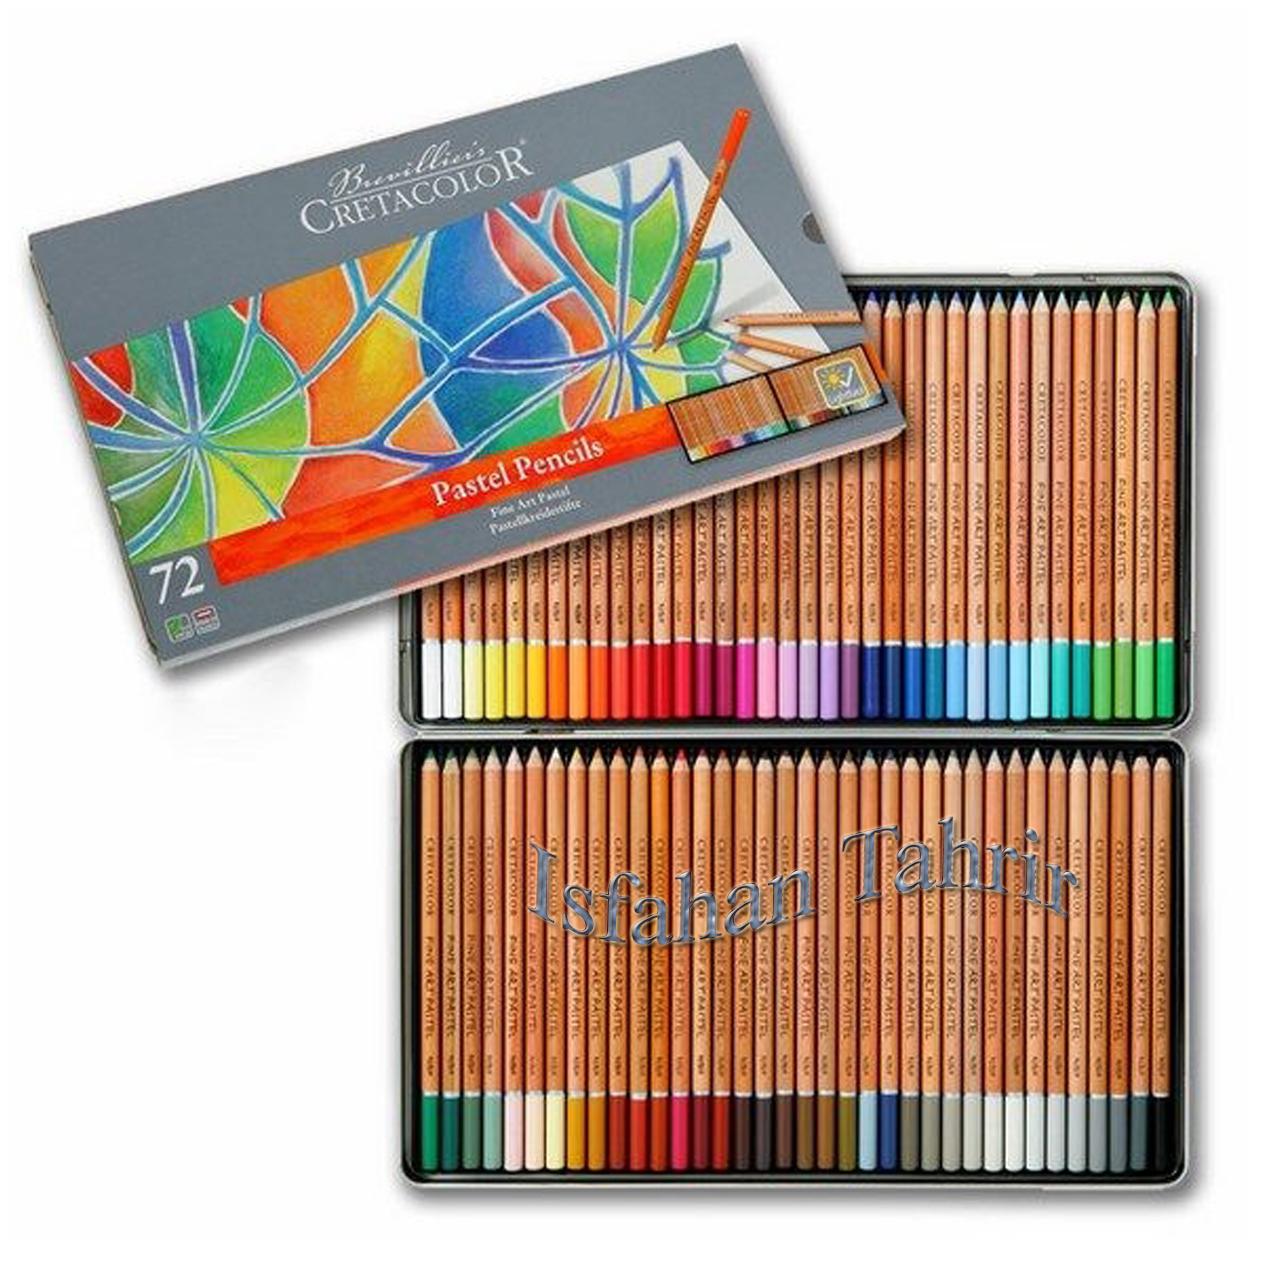 پاستیل مدادی 72رنگ کرتاکالر